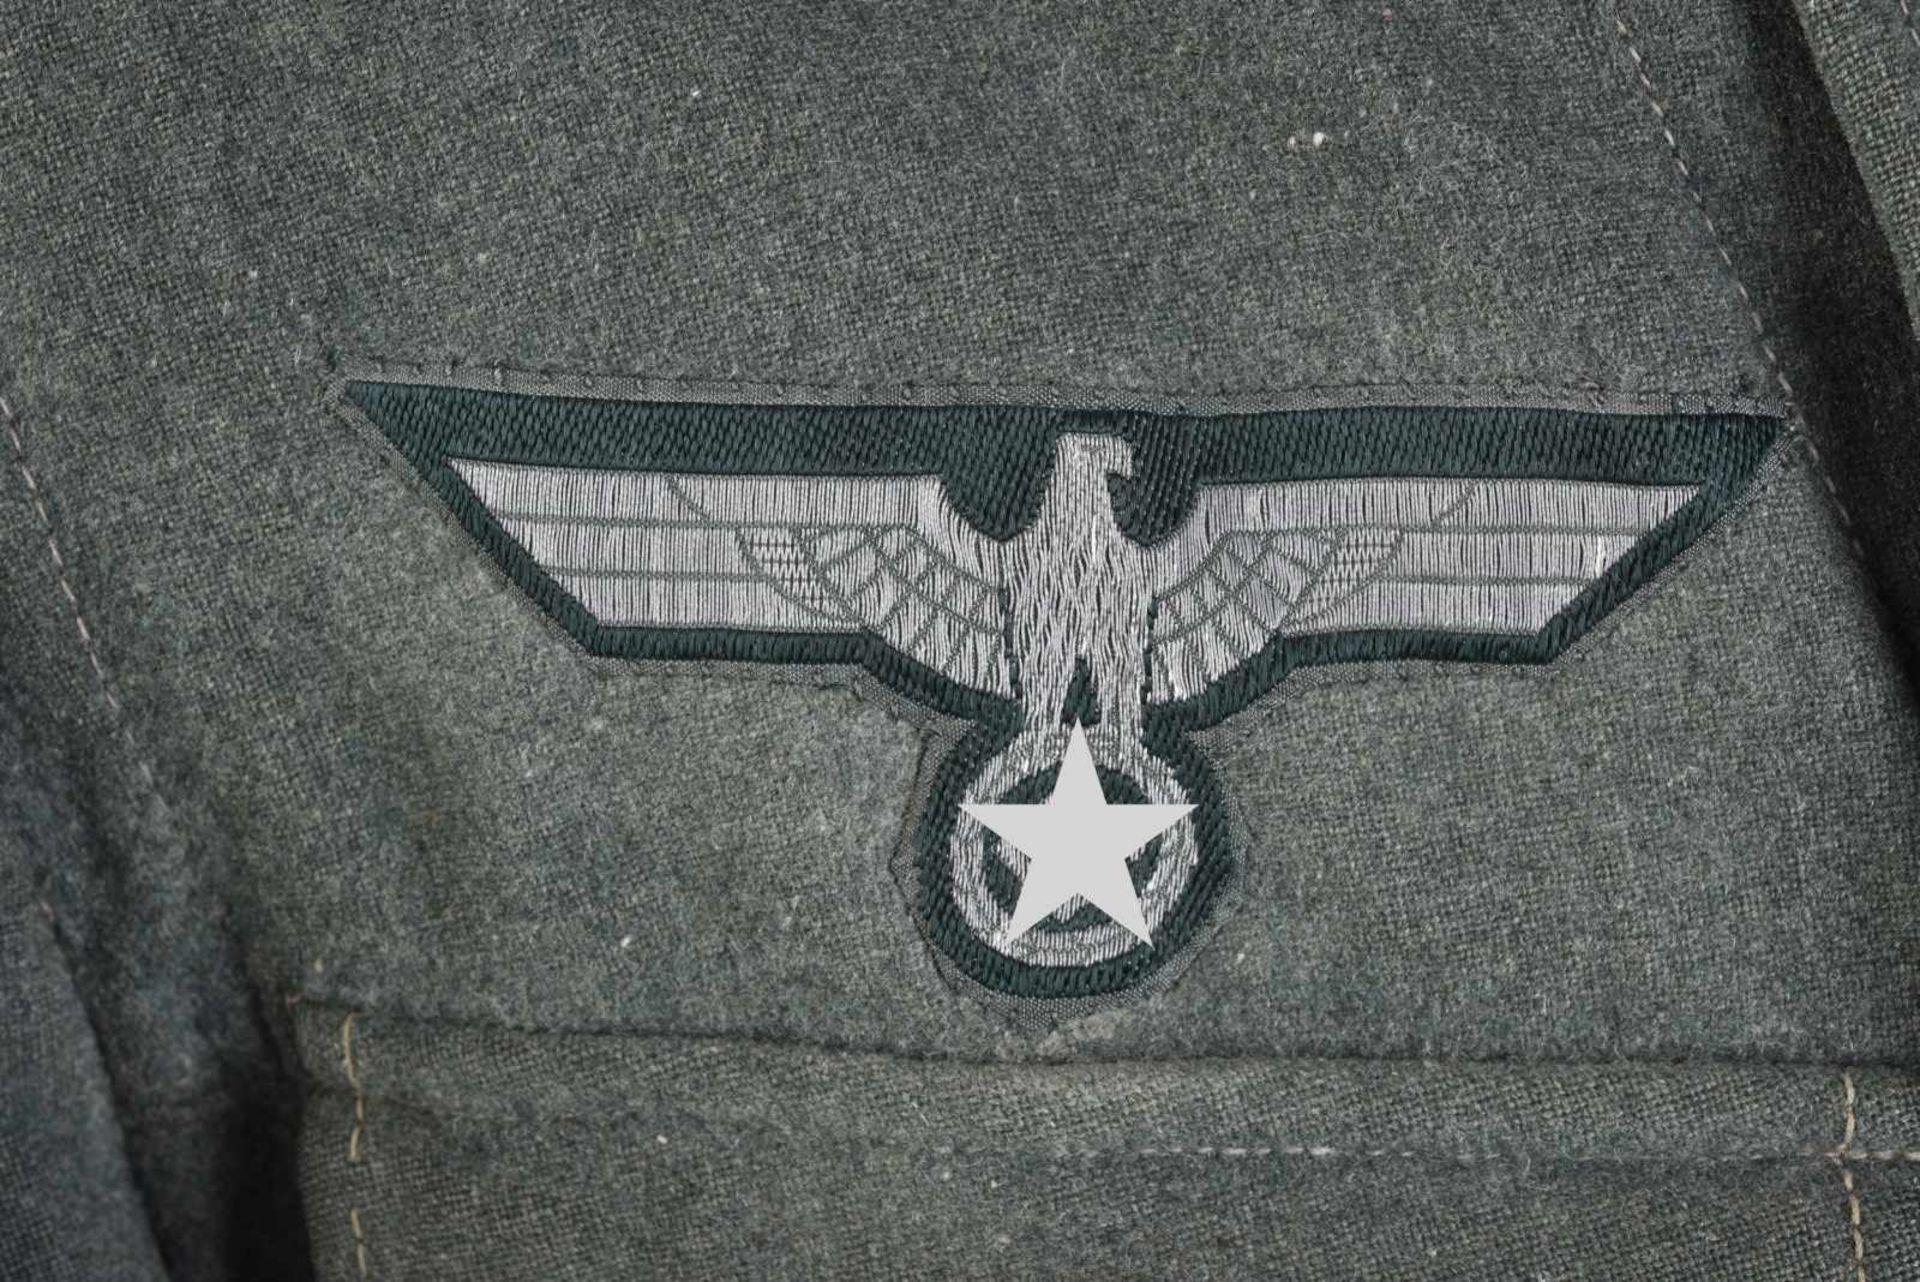 Vareuse d'Unteroffizier de l'infanterie en drap Feldgrau, intérieur doublé en tissu coton marron, - Bild 4 aus 4